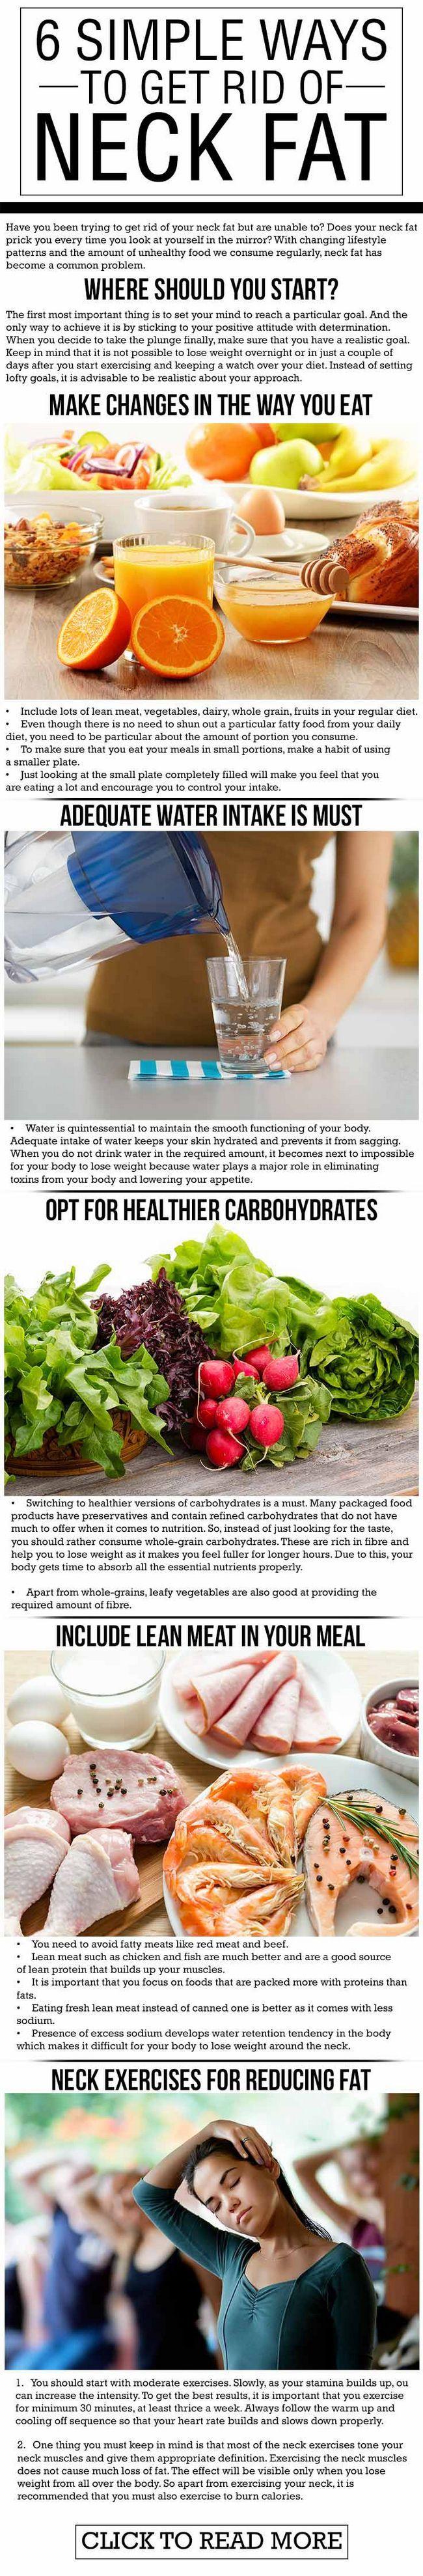 6 Einfache Möglichkeiten, loszuwerden Hals Fett zu